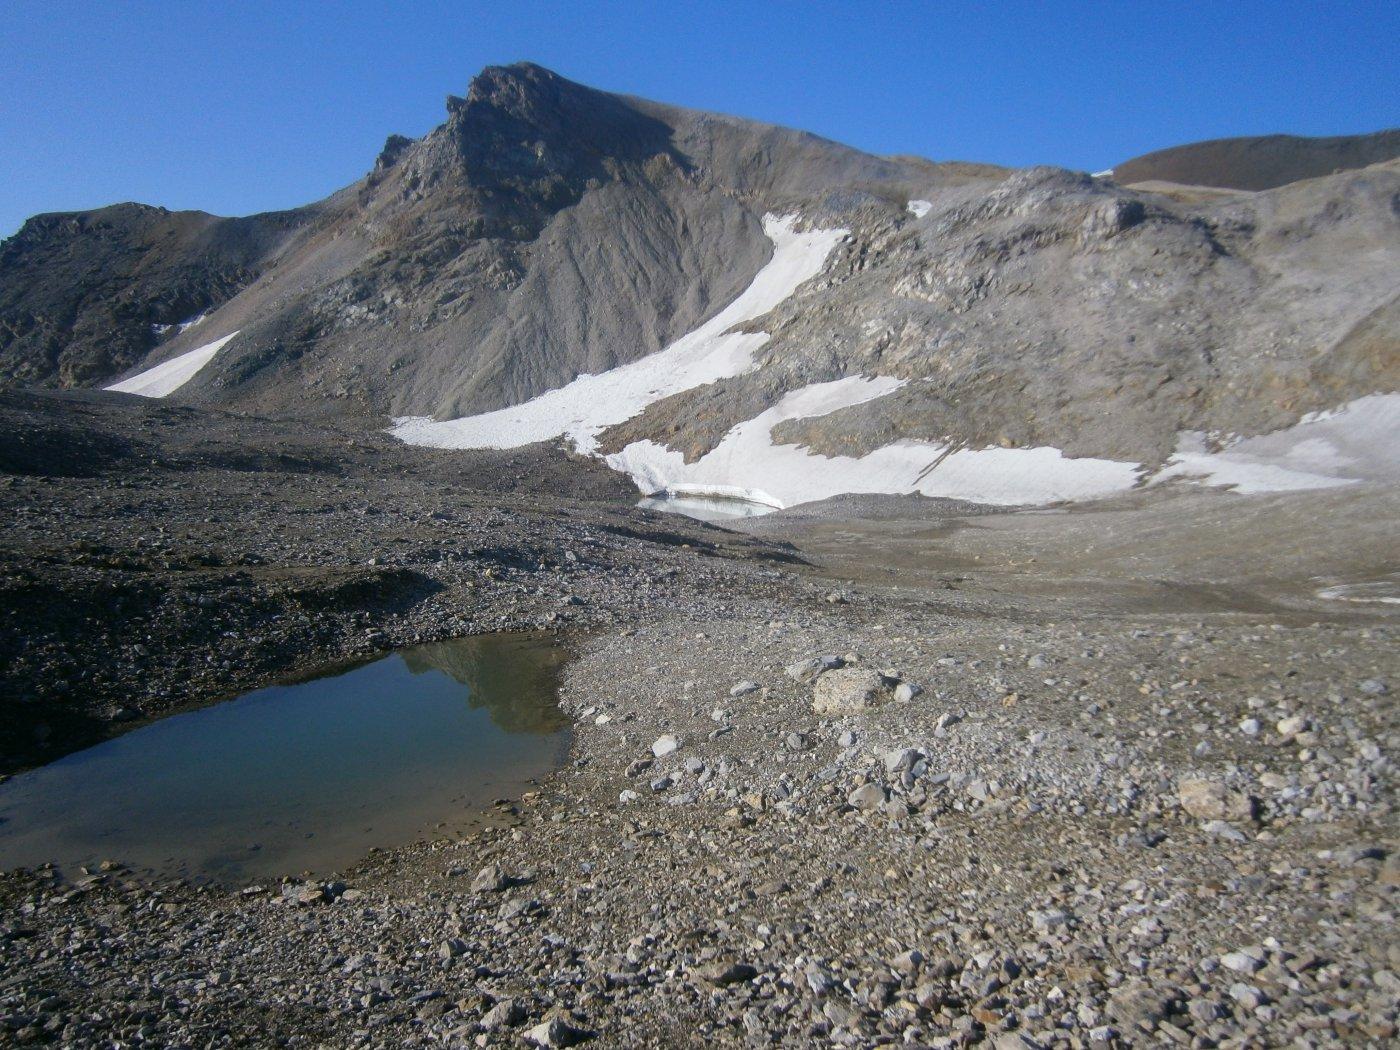 Ambin (Monte) e Punta Sommeiller da Grange della Valle per il Passo Galambra 2015-08-12